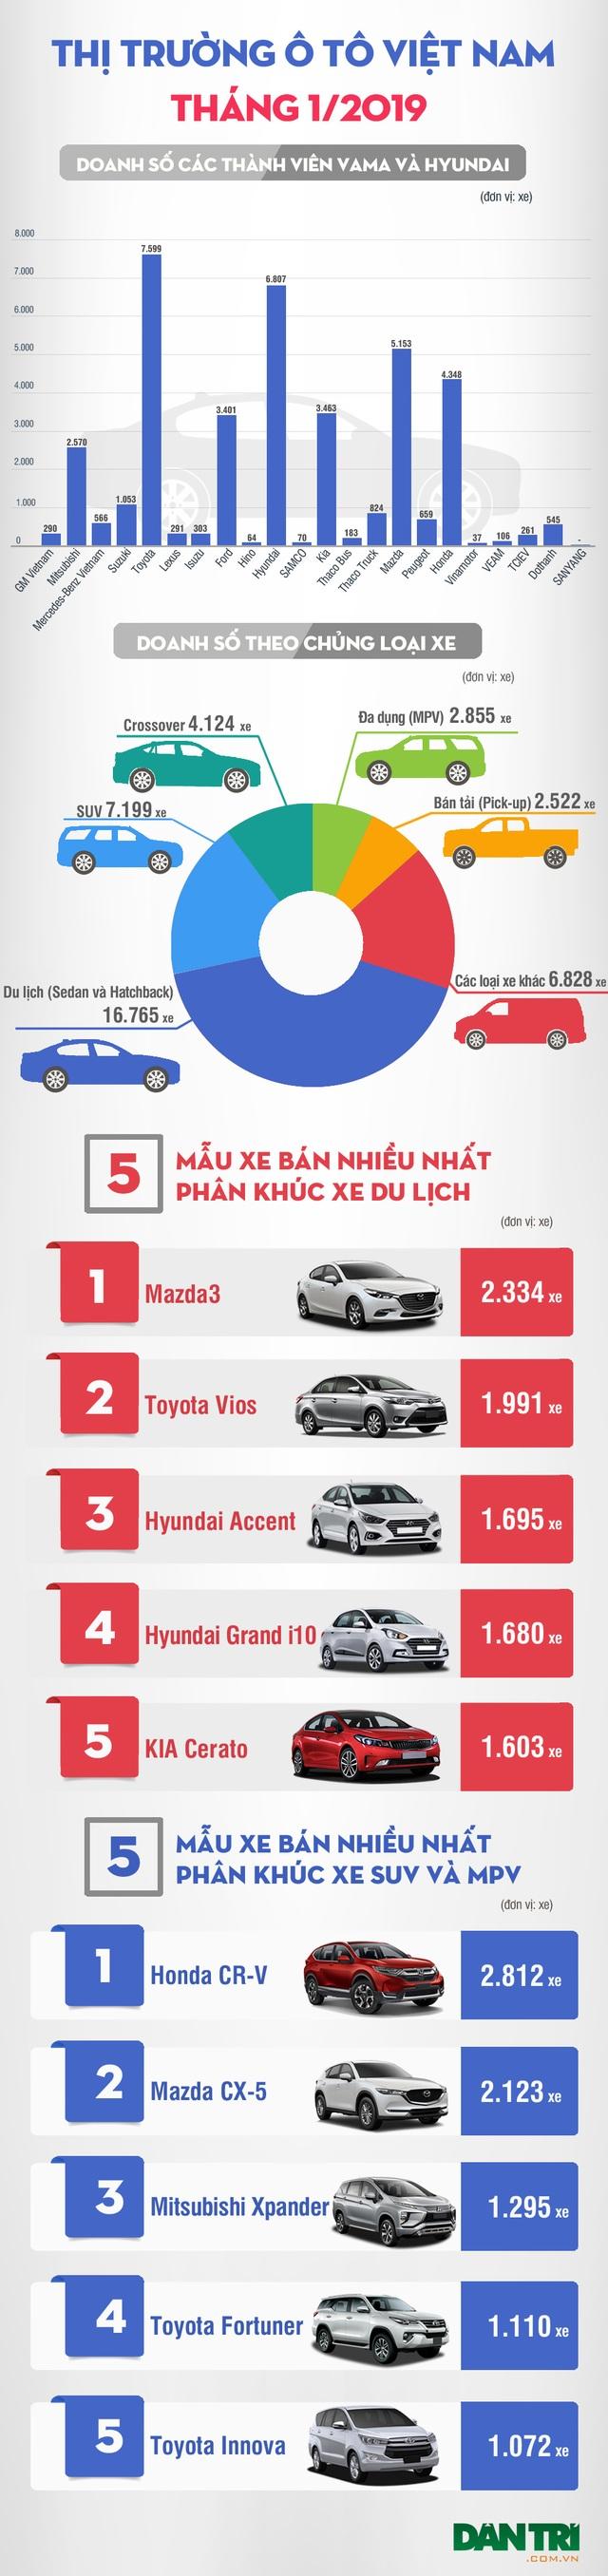 Thương hiệu ô tô nào được ưa chuộng nhất tháng 1/2019? - 1